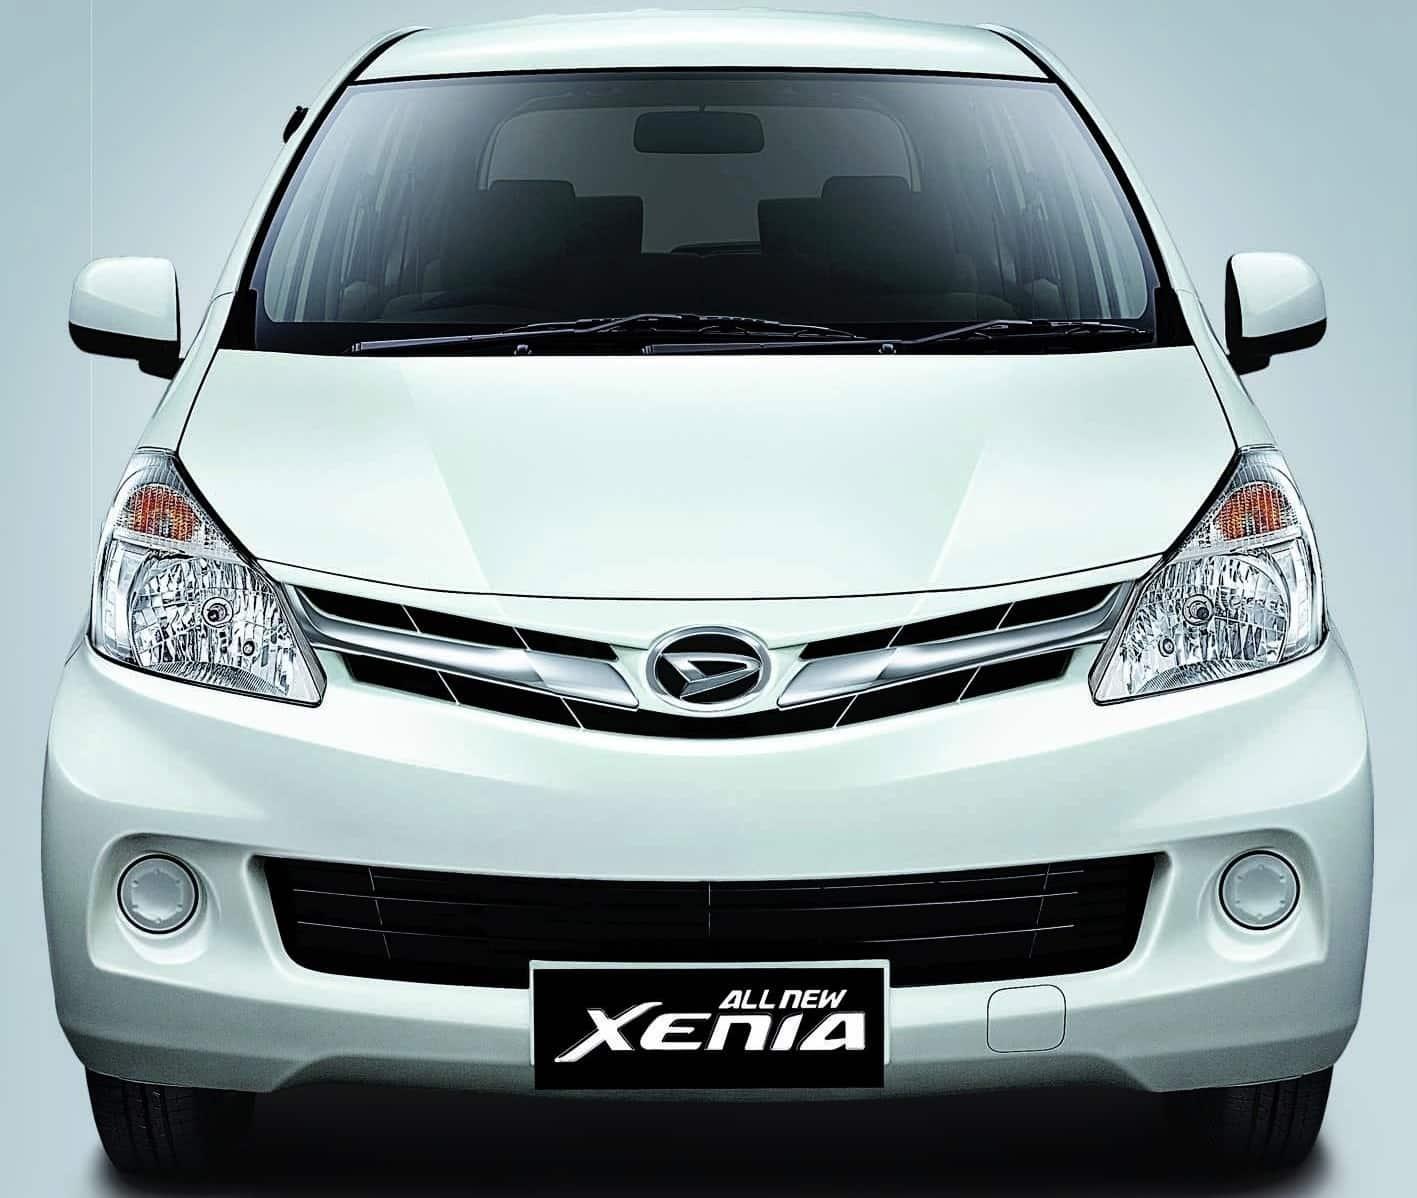 Sewa Mobil Xenia Jakarta